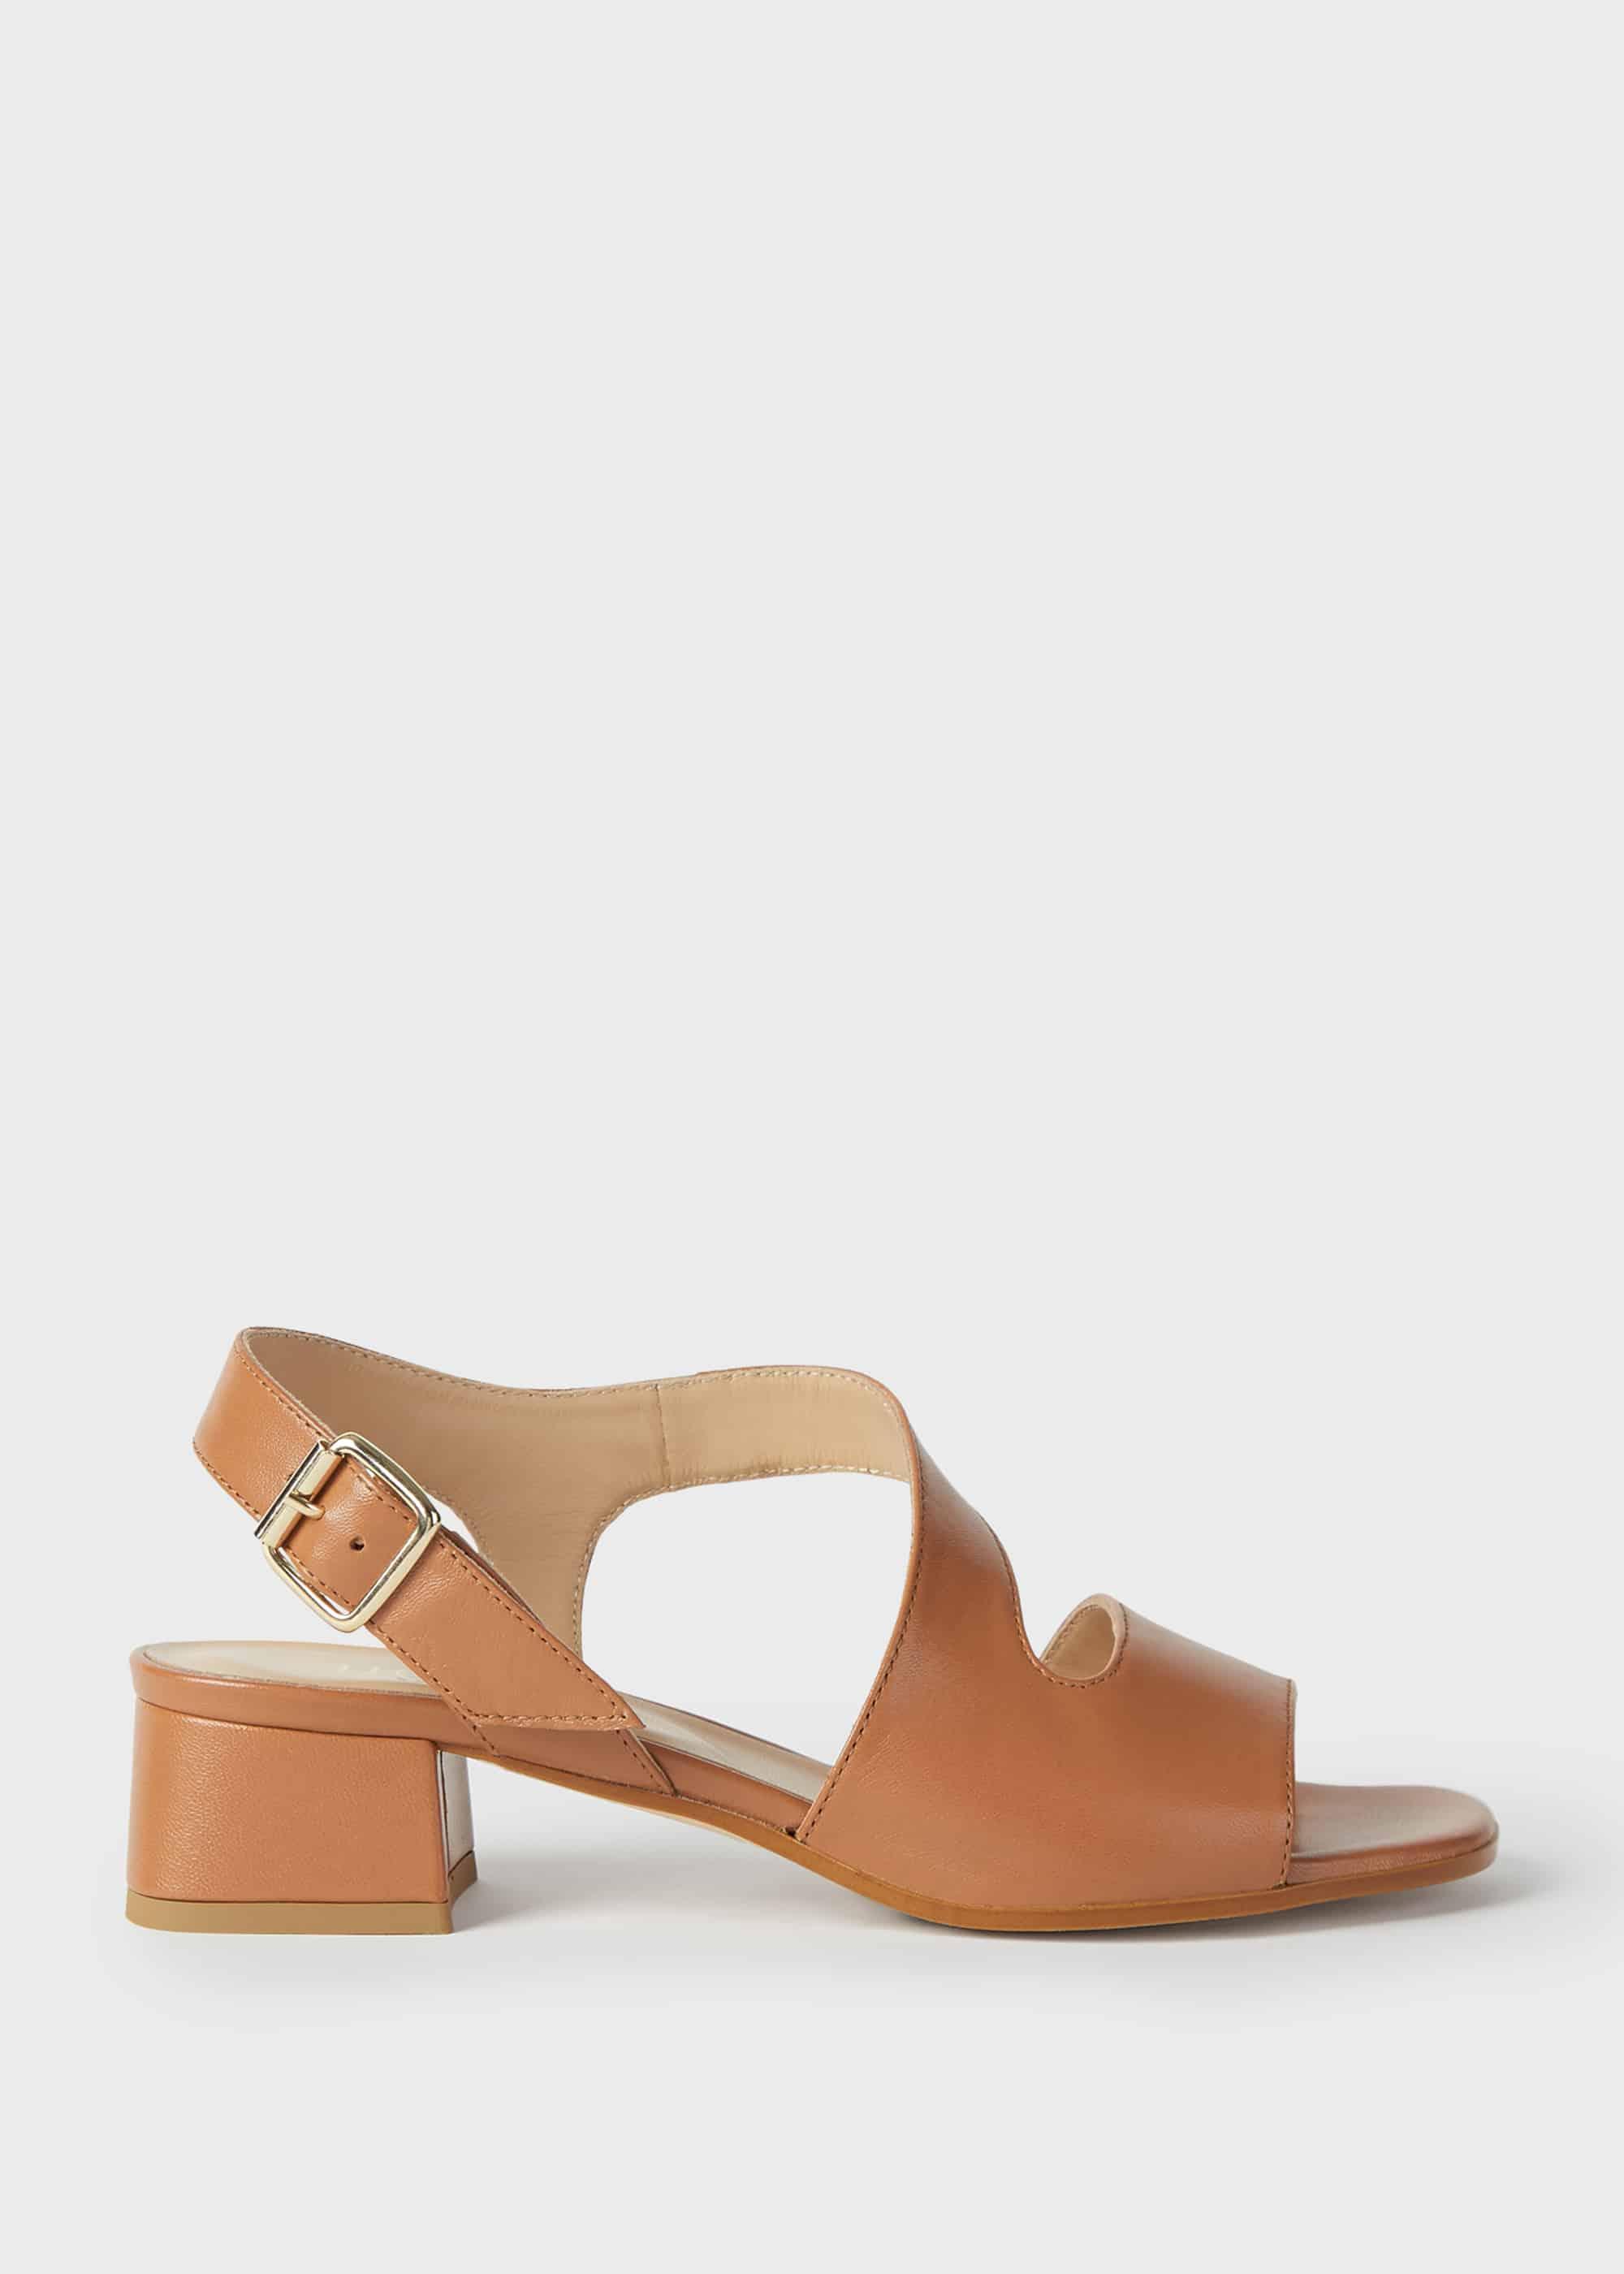 Hobbs Women Leather Block Heel Sandals